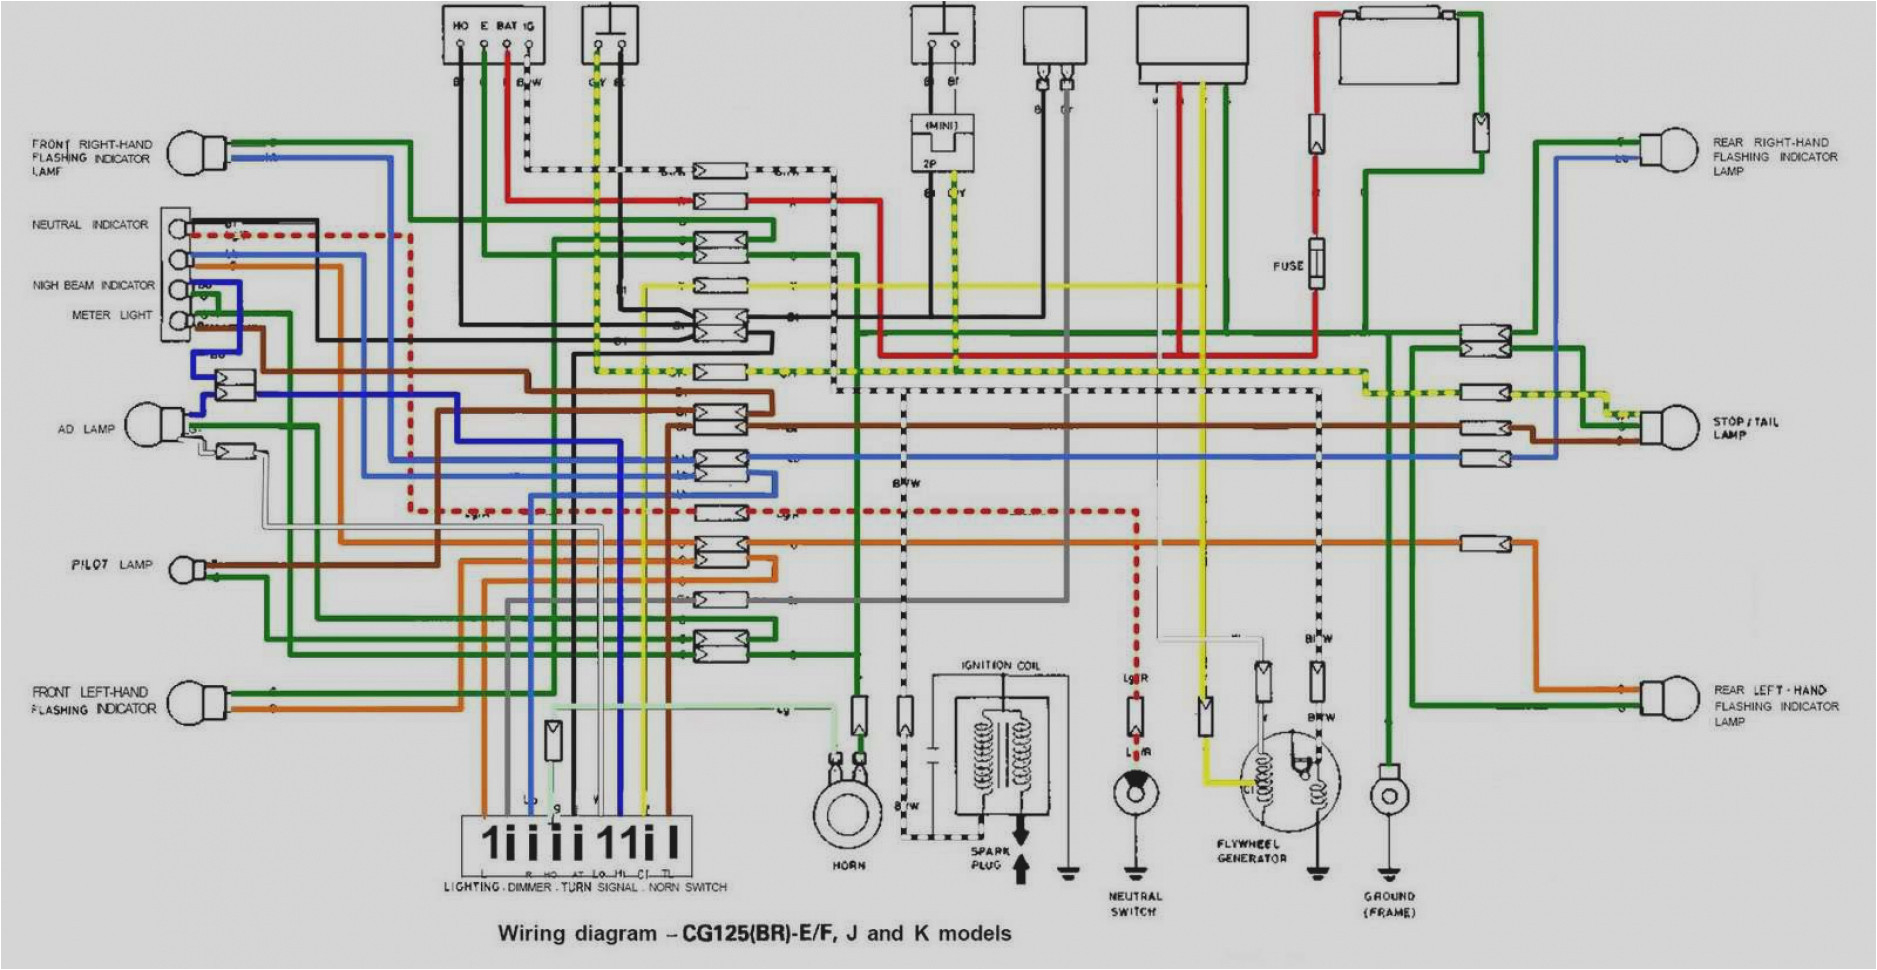 wiring diagram of honda xrm 110 wiring diagram completed honda xrm motorcycle wiring diagram honda xrm